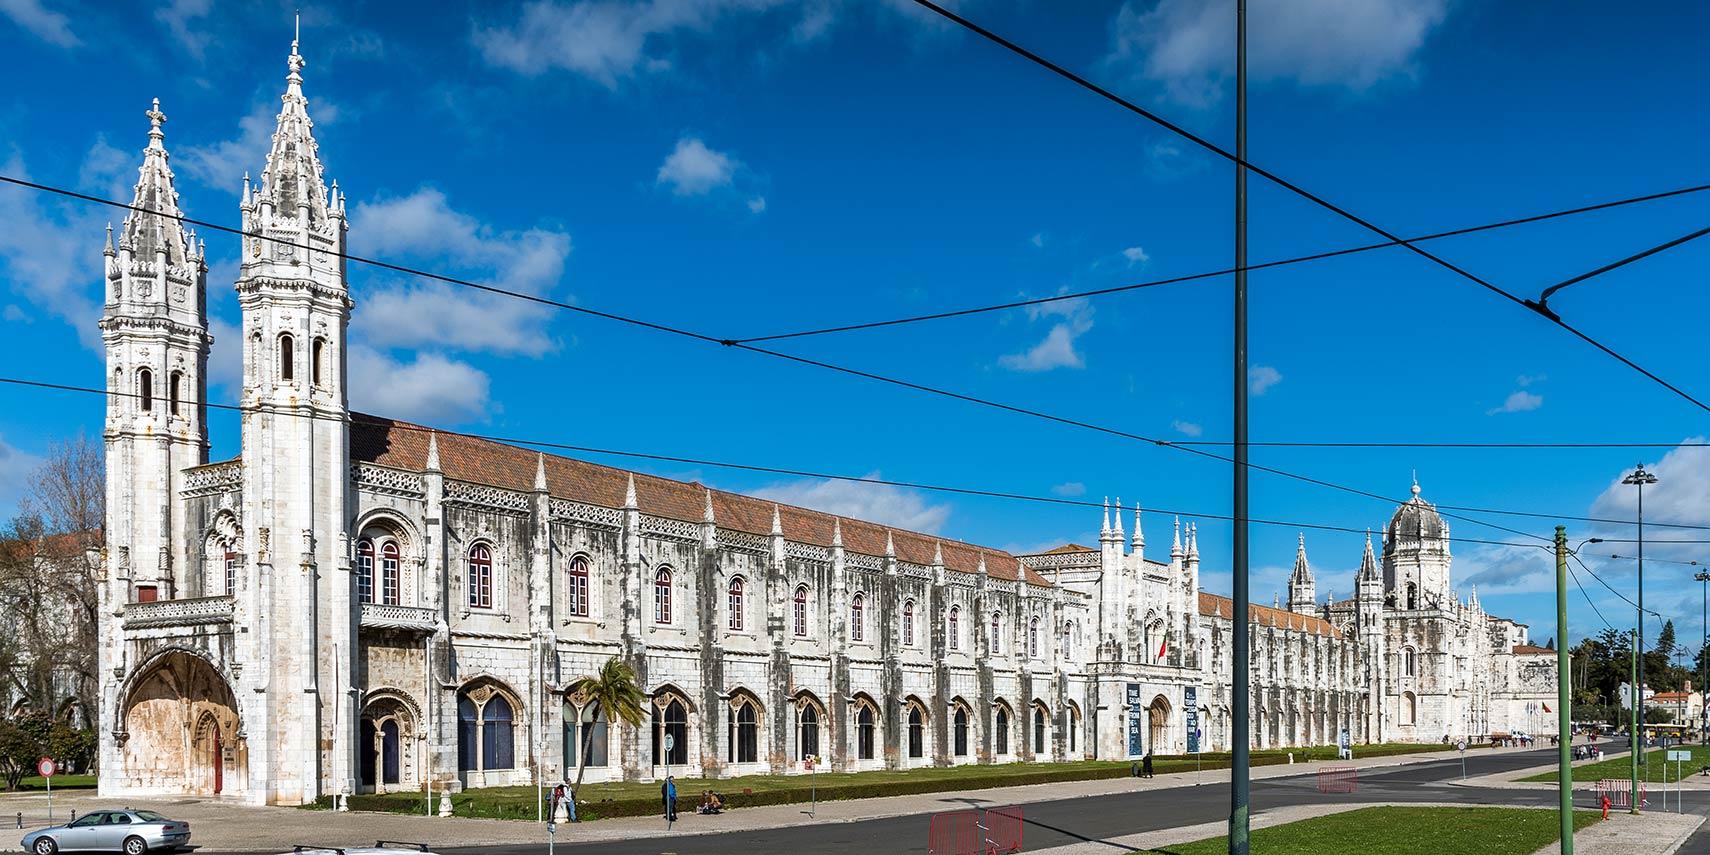 O Mosteiro dos Jerônimos em Belém abriga o Museu Marítimo de Portugal e o Museu Nacional de Arqueologia